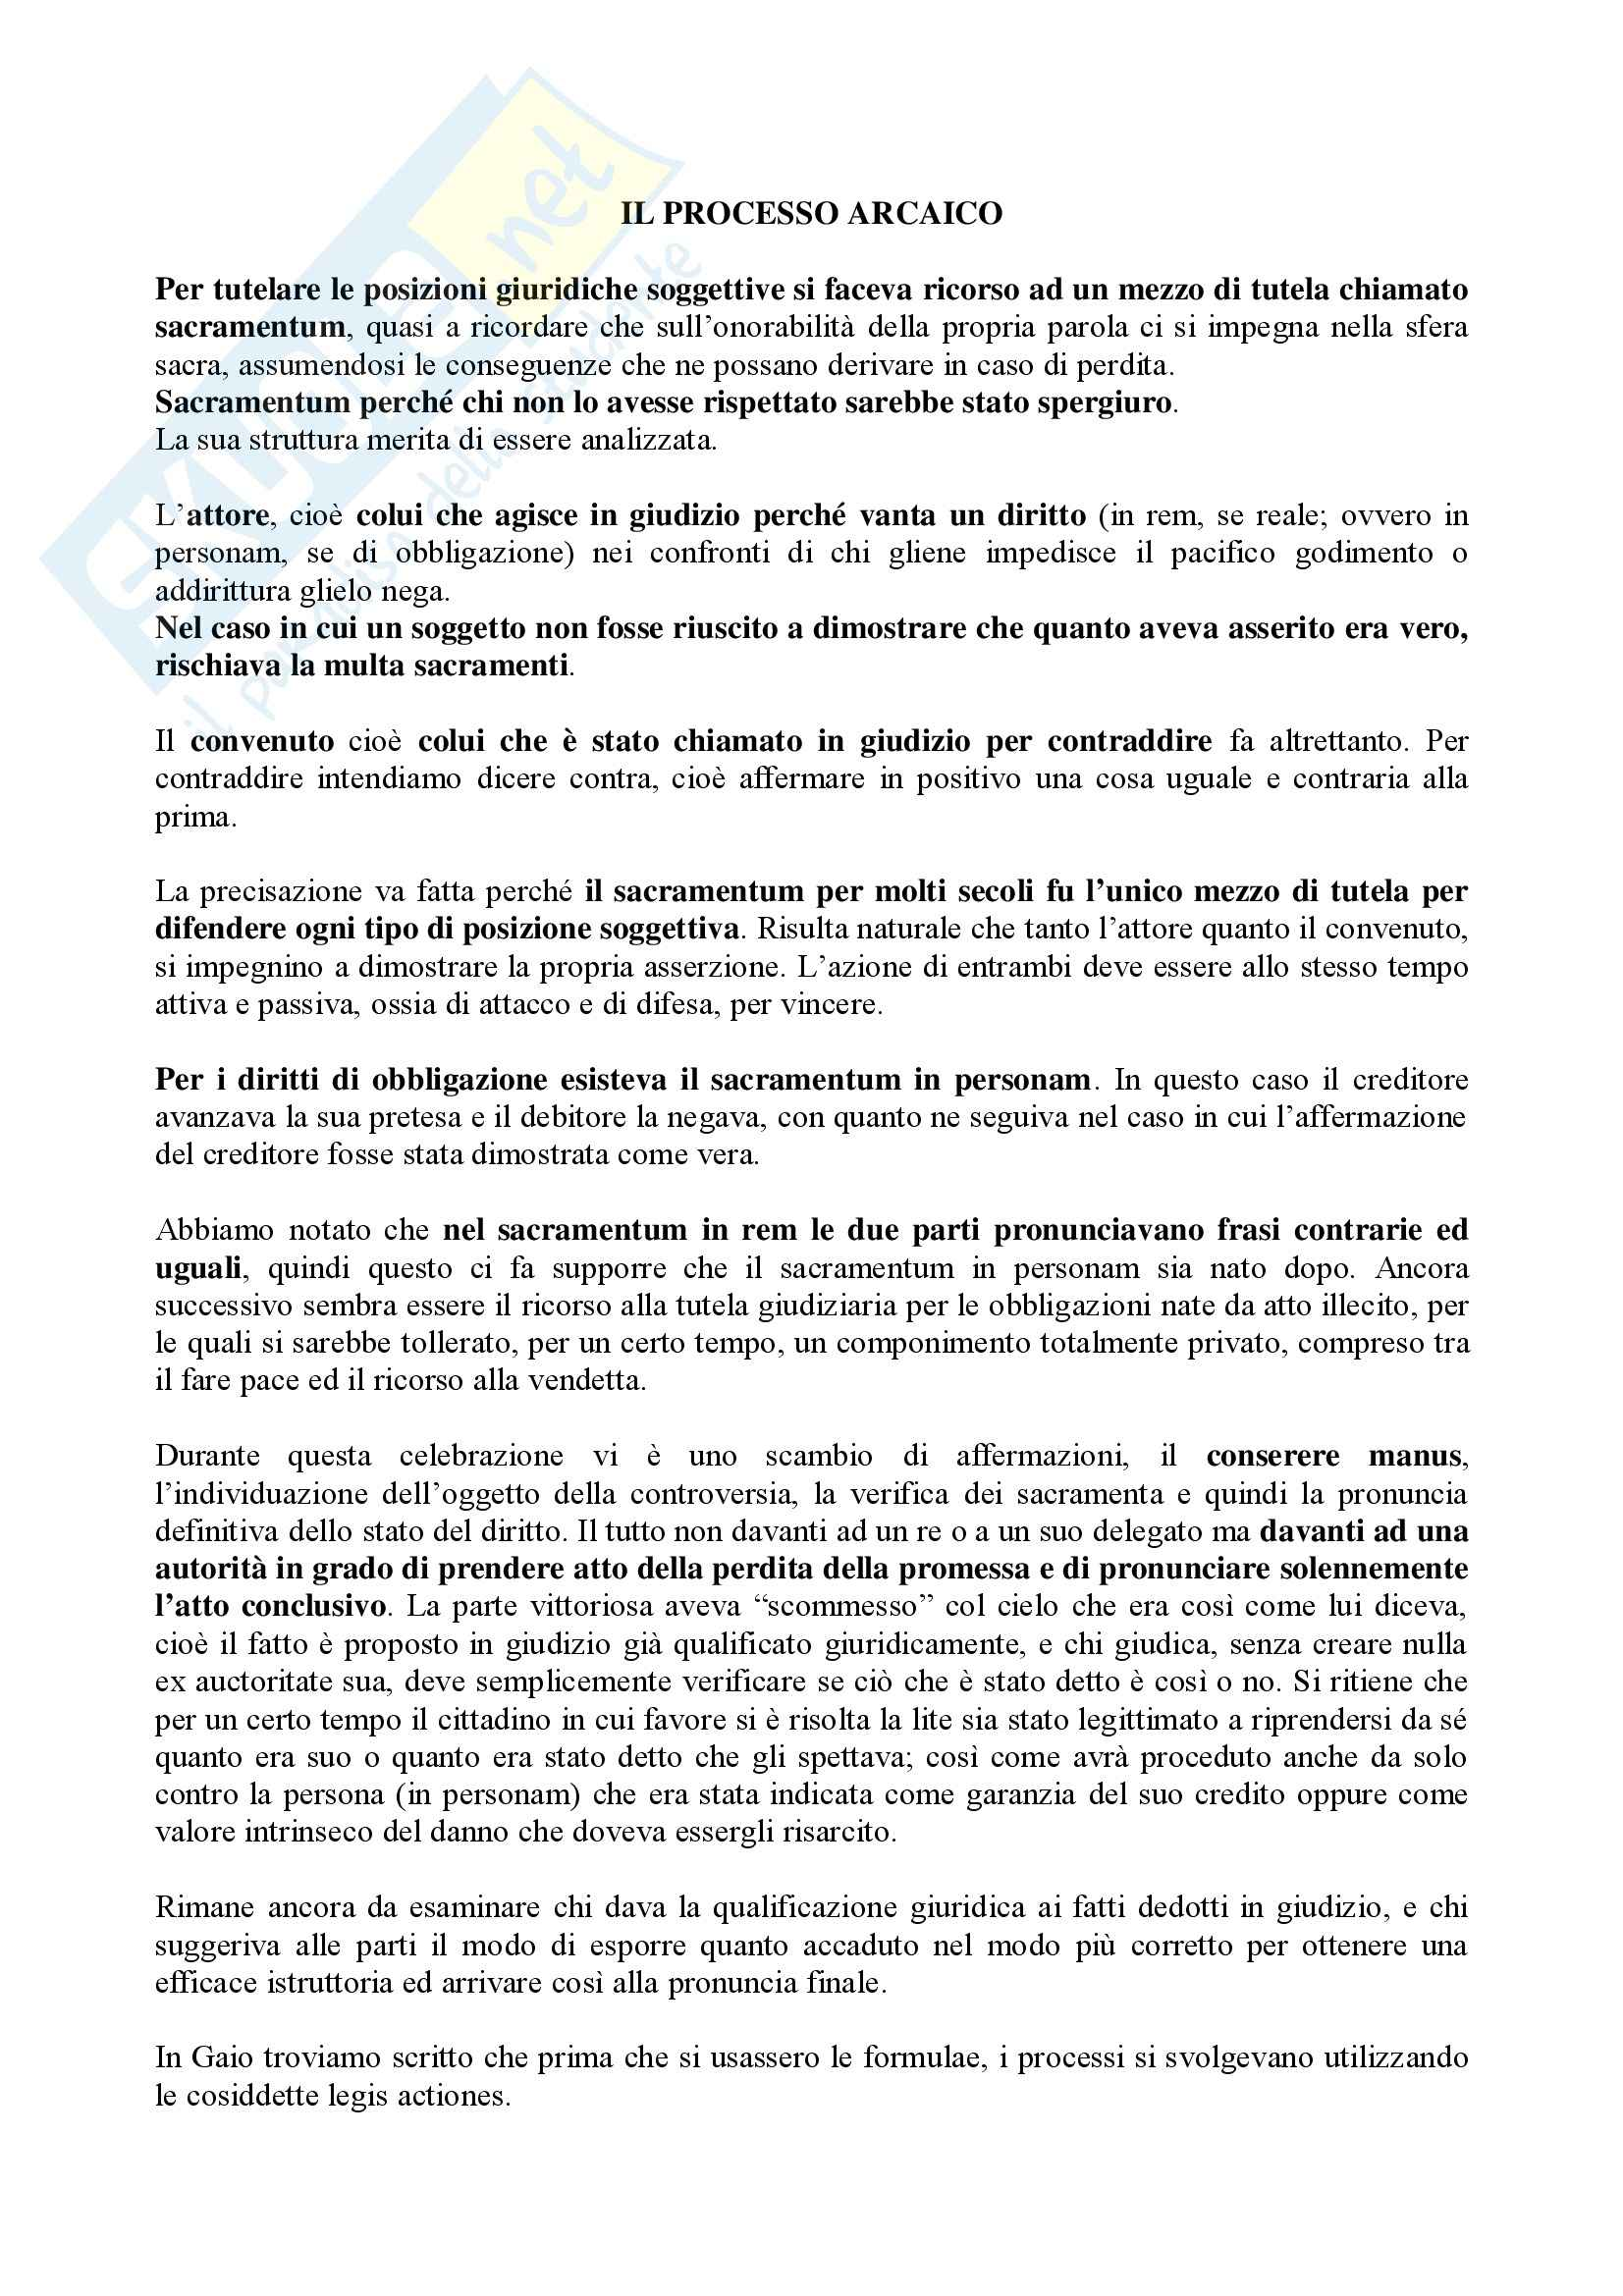 Istituzioni di diritto romano - il processo arcaico